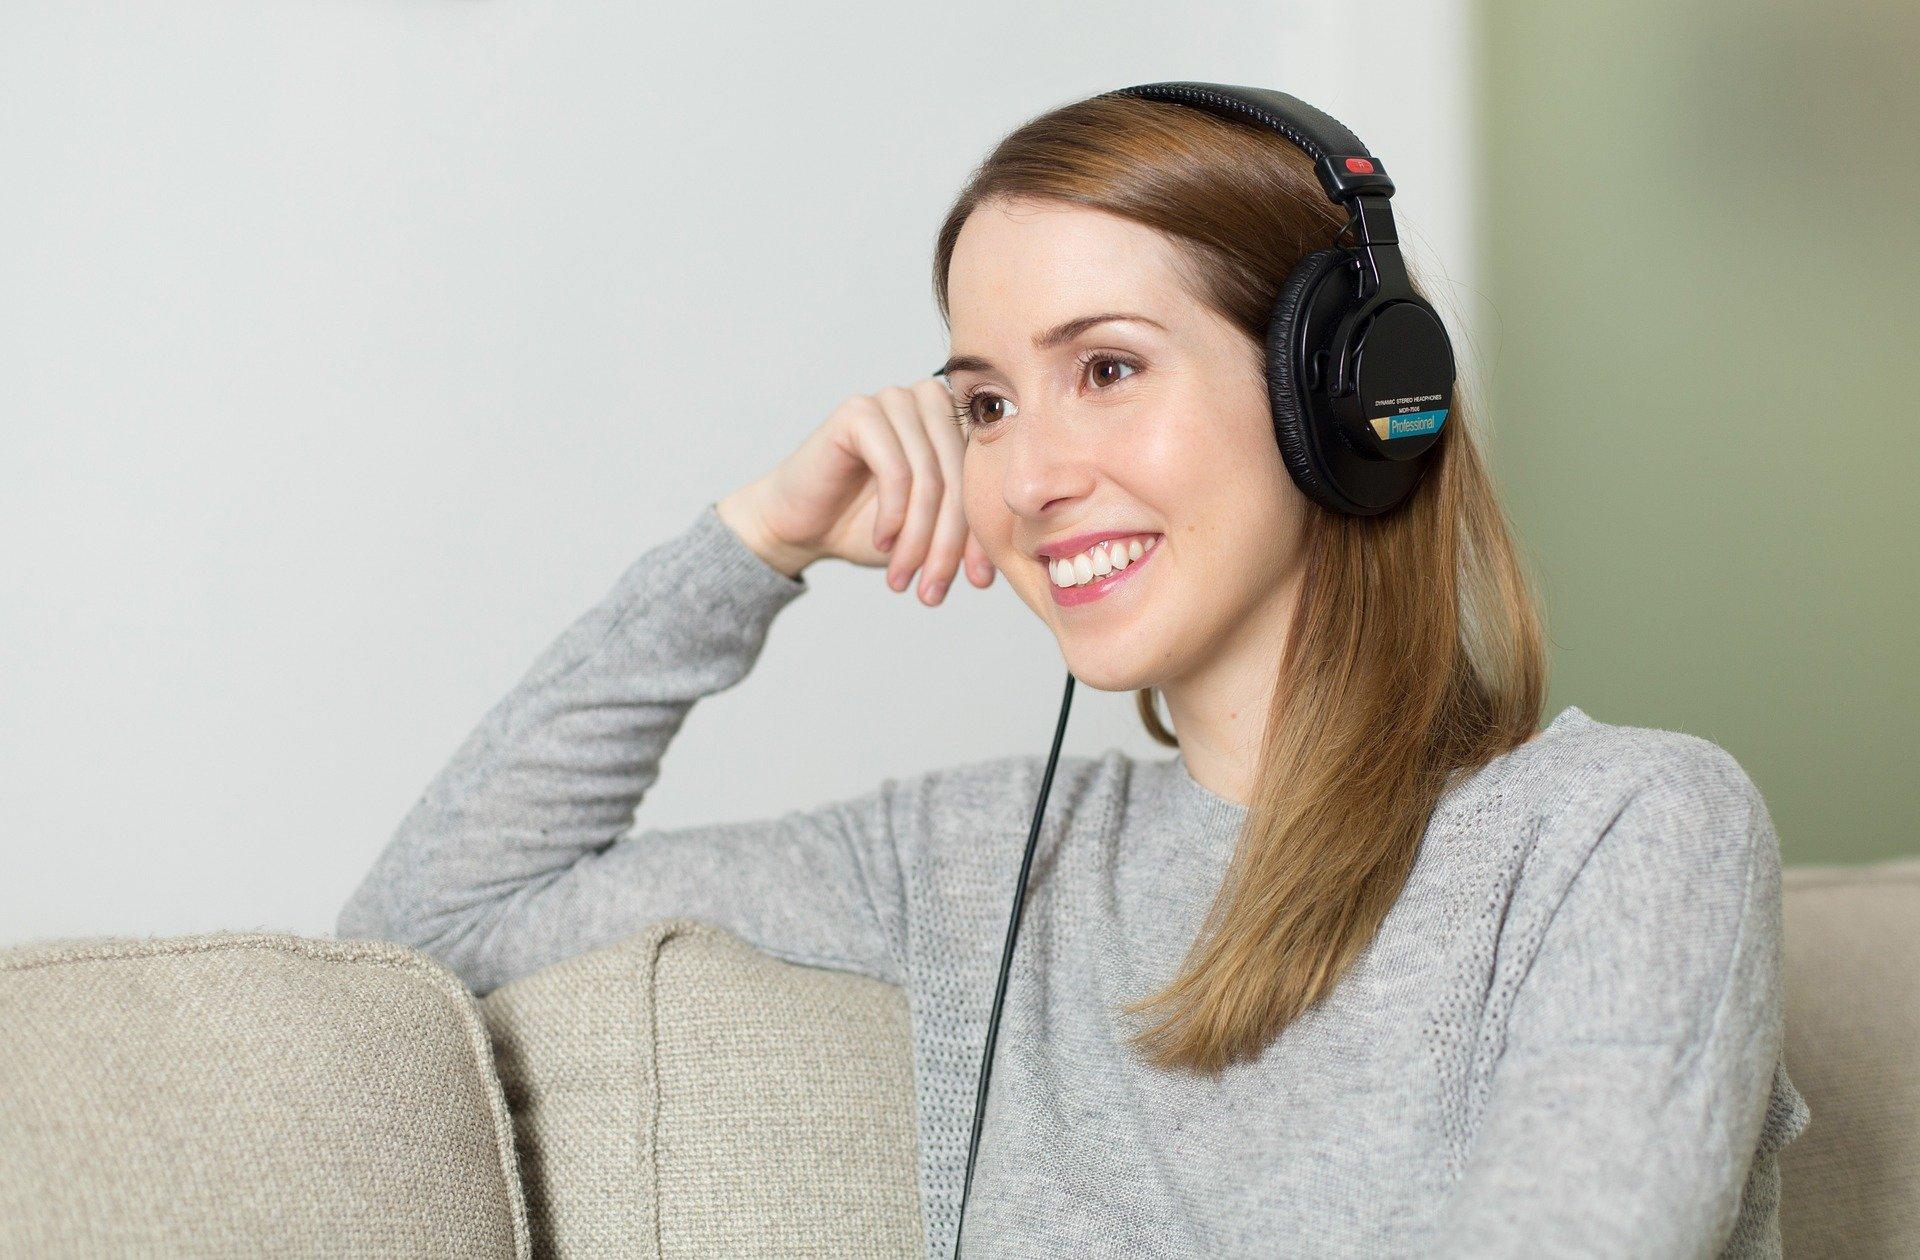 Voordelen van online radio luisteren tijdens je werk